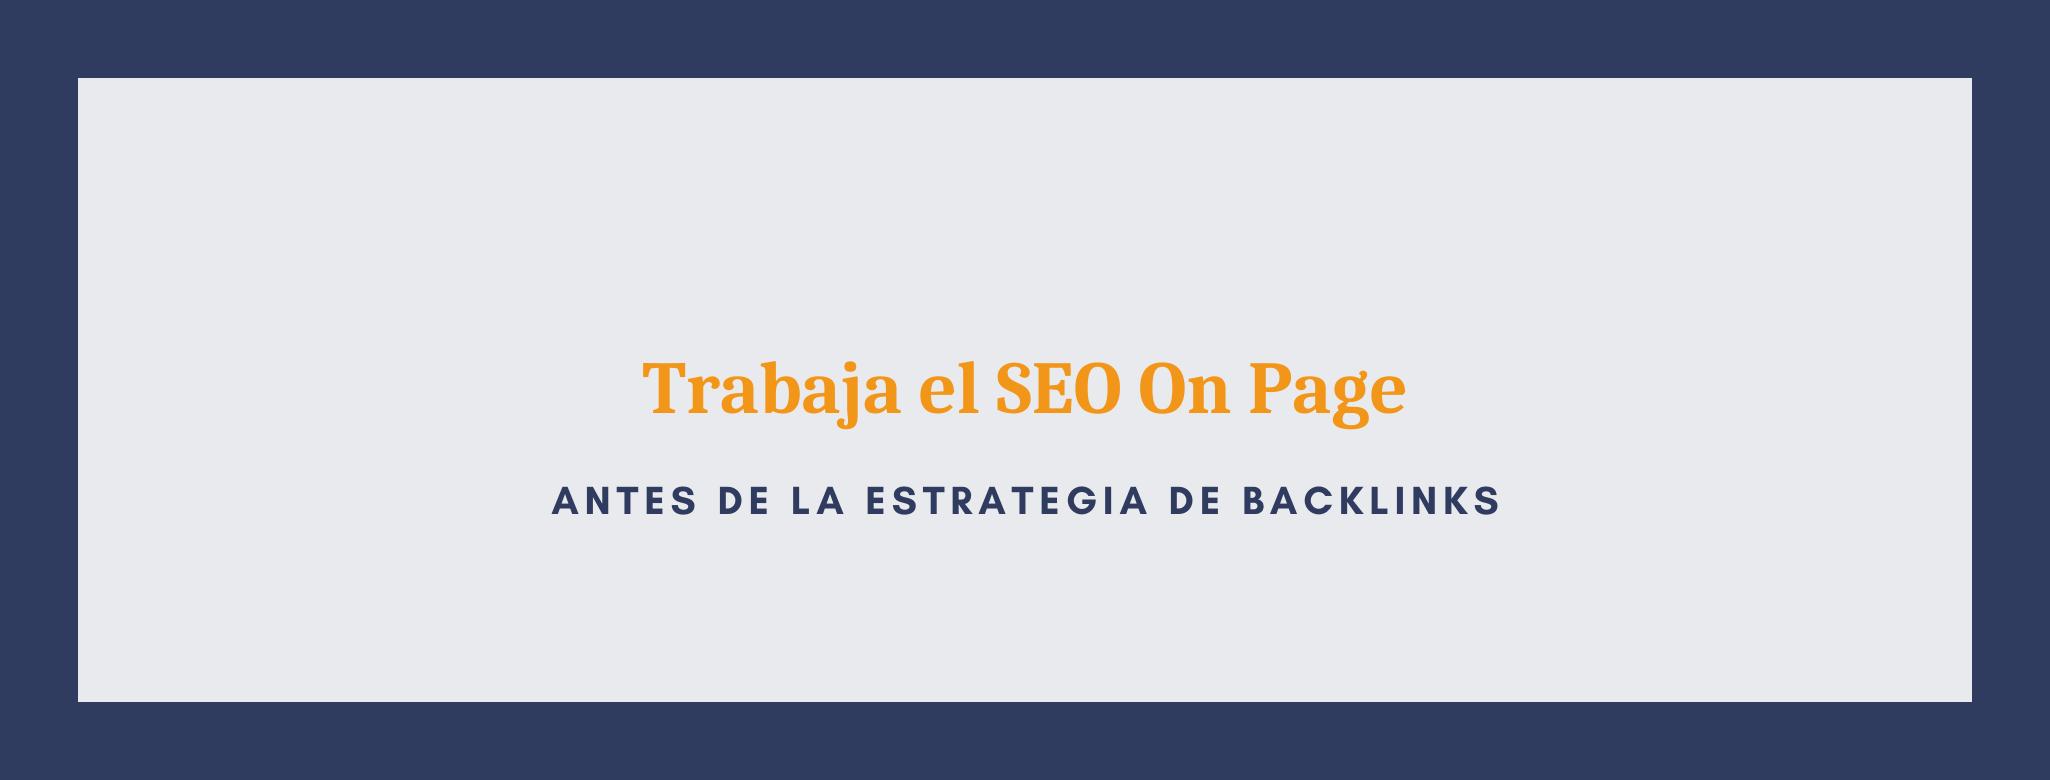 Infografía del SEO On Page en una estrategia de backlinks.